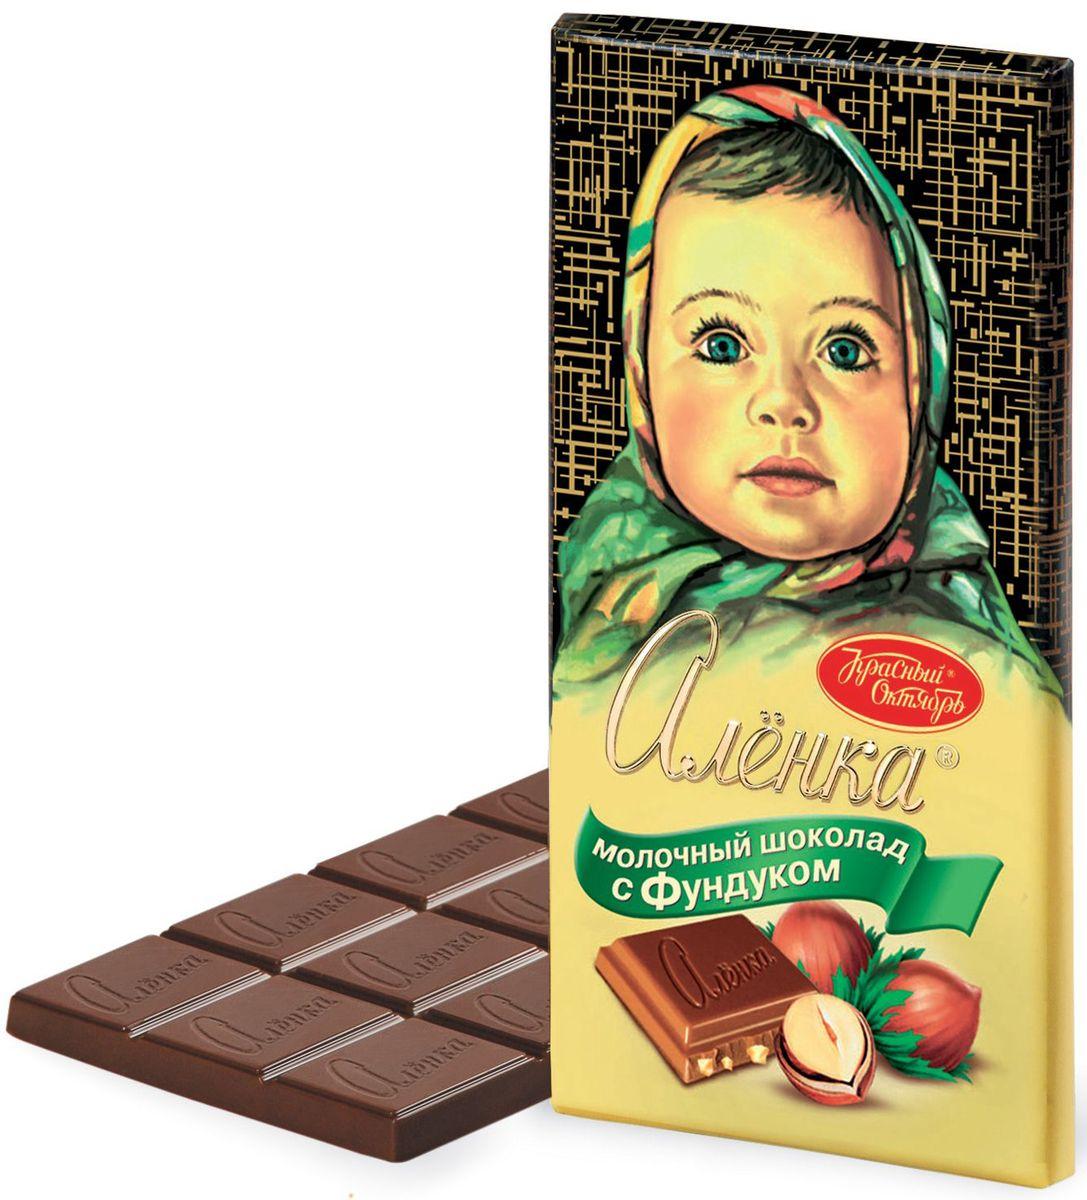 Красный Октябрь Аленка с фундуком молочный шоколад, 200 г красный октябрь новогодний подарок аленка драгоценные моменты 310 г